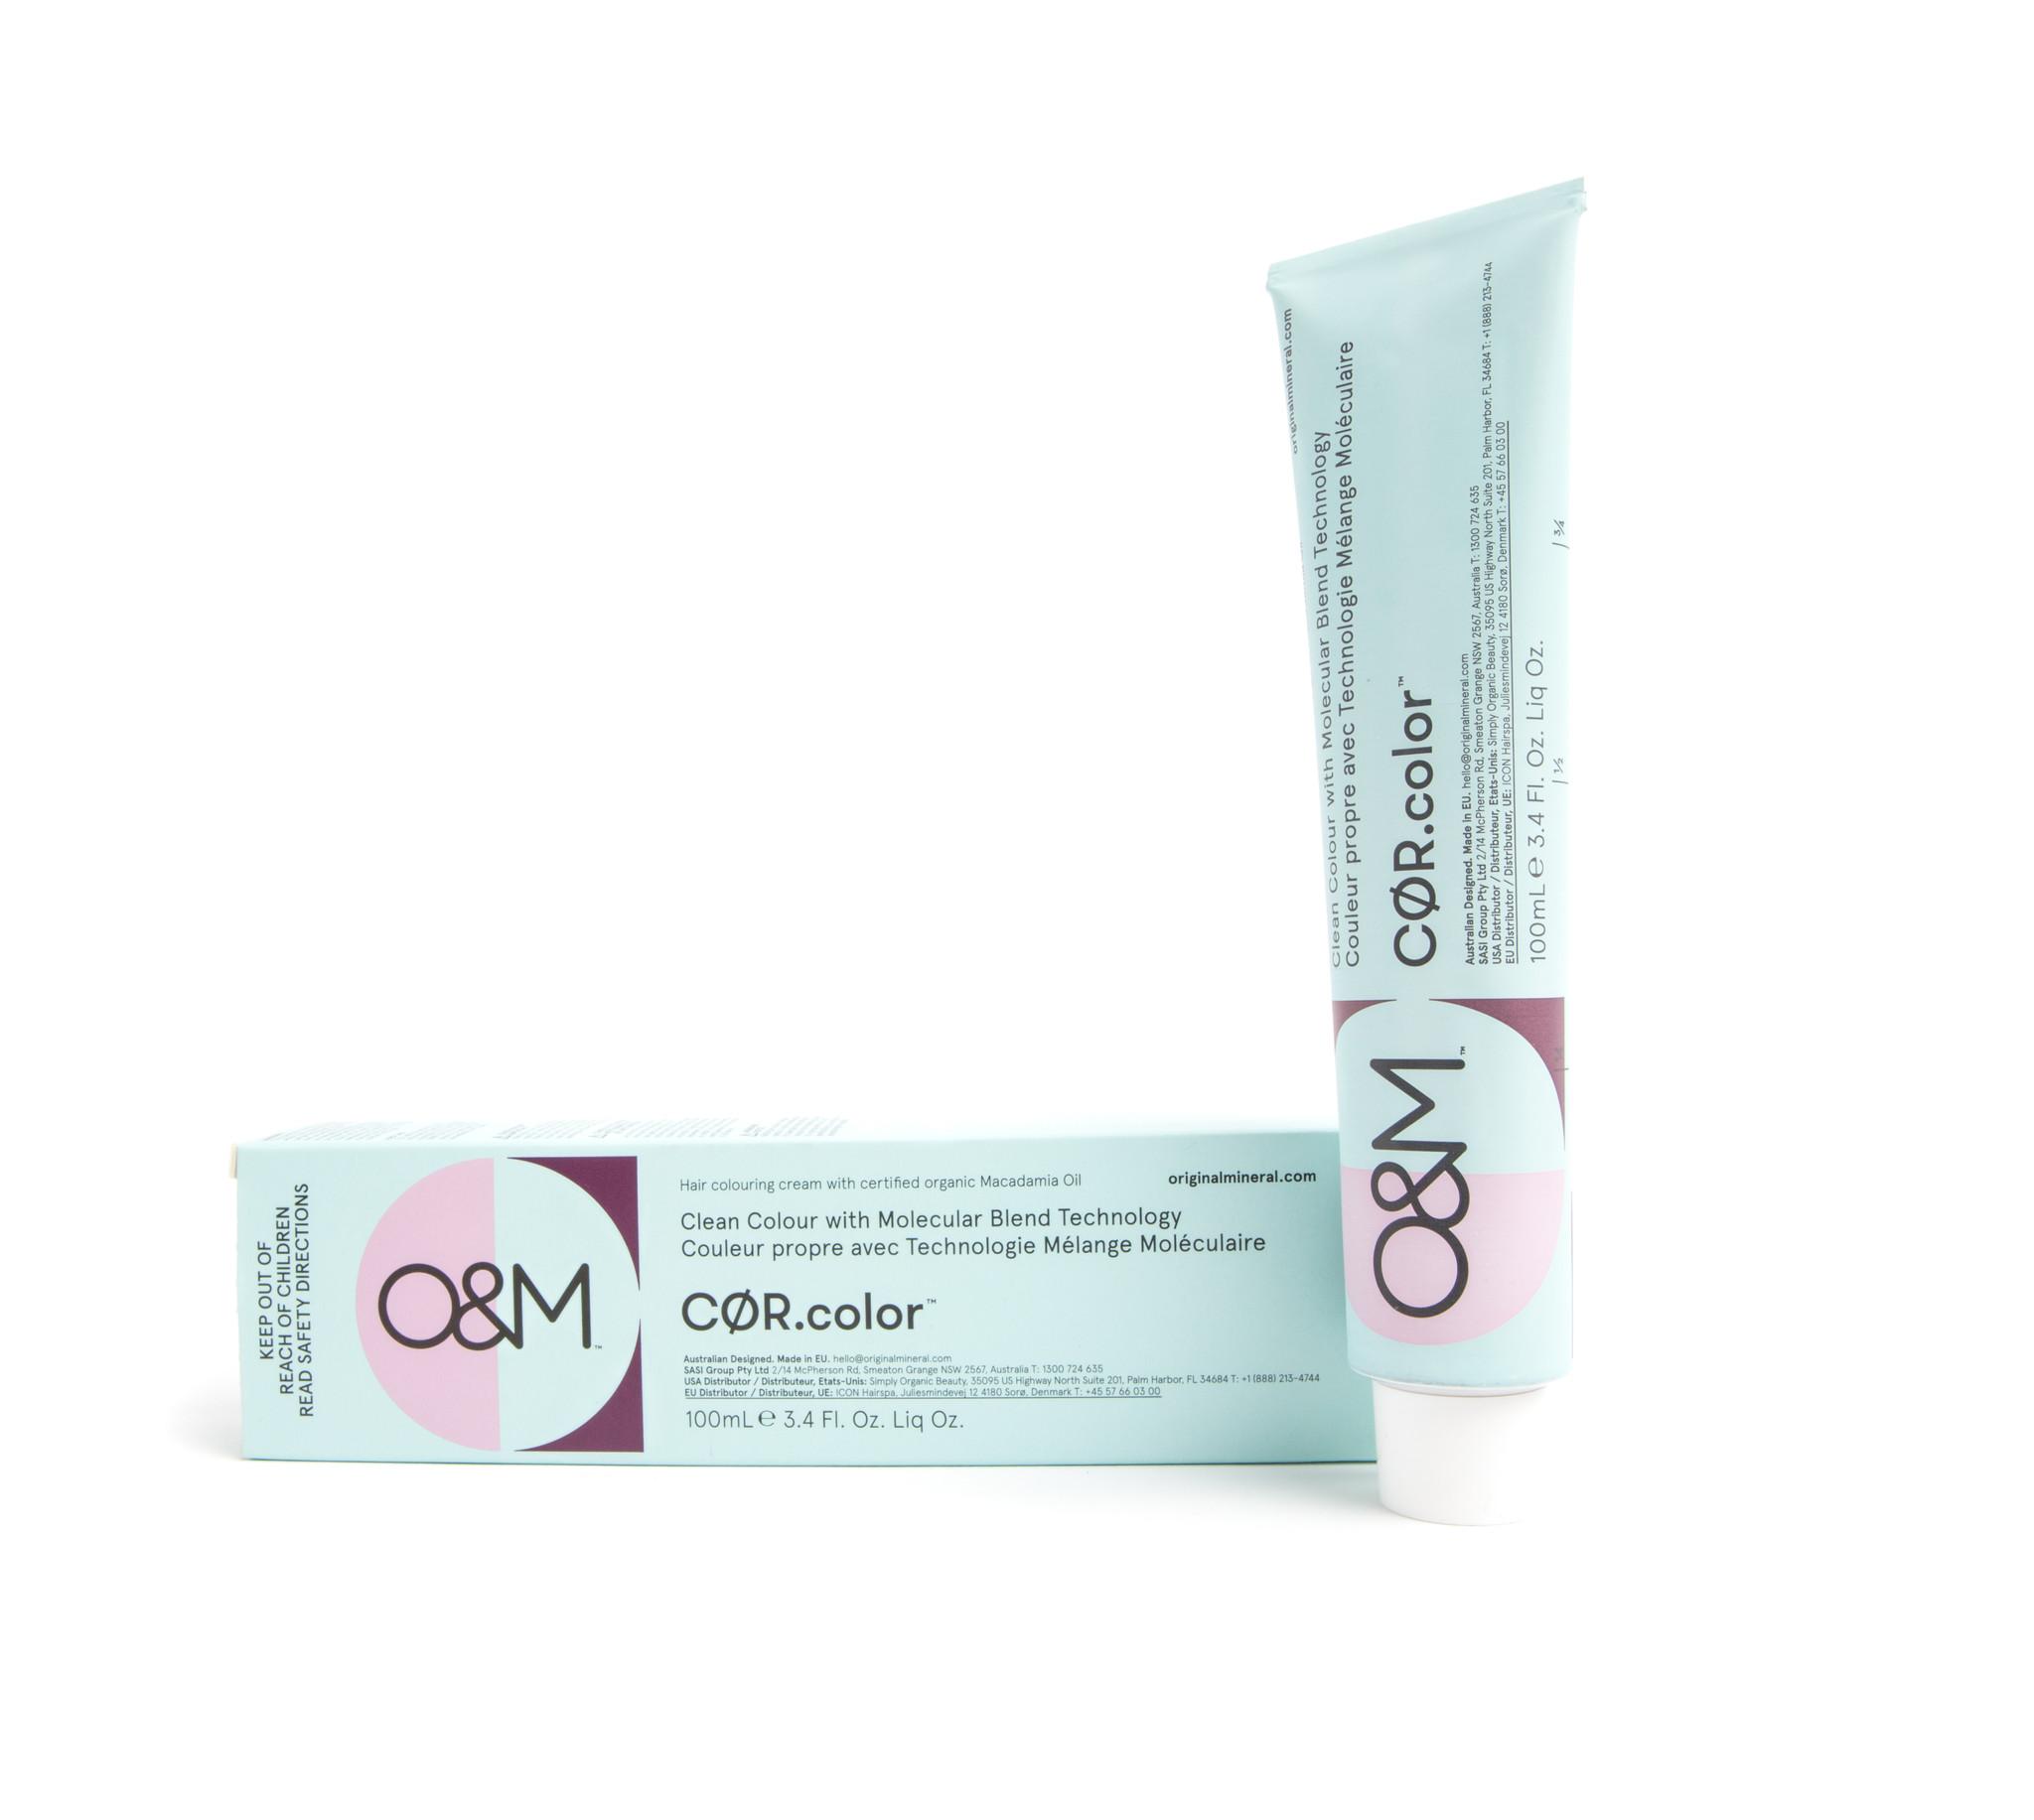 O&M - Original Mineral O&M CØR.color Red 0.55 - 100g